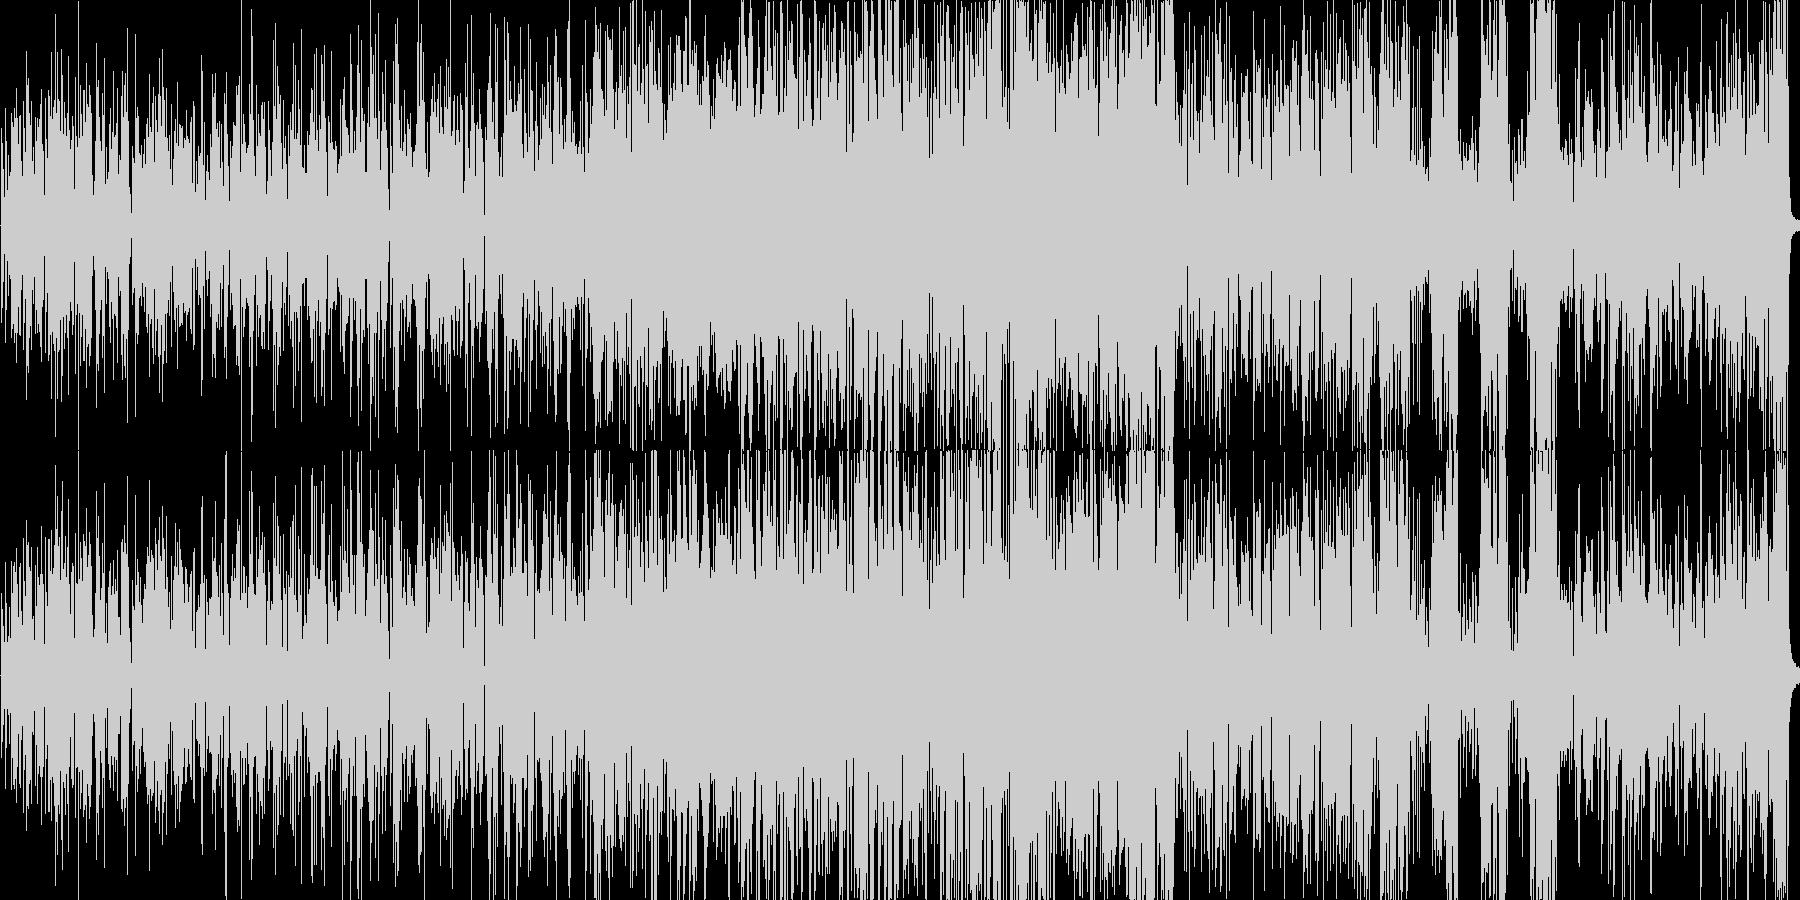 ガーシュウィンのスタンダードジャズの未再生の波形